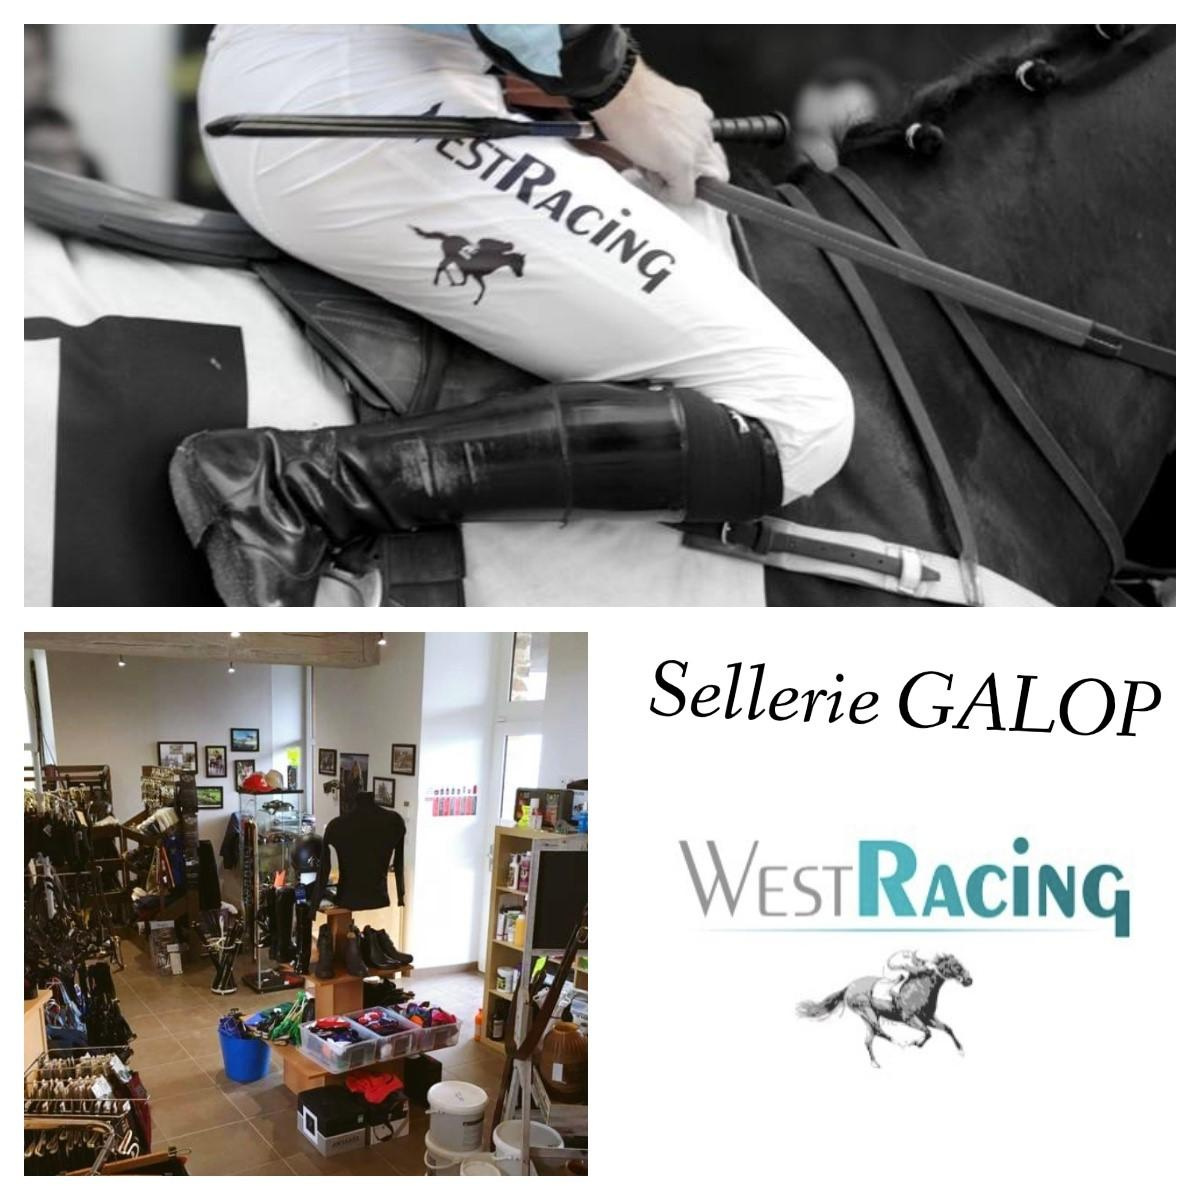 WEST RACING Sellerie spécialisée Galop